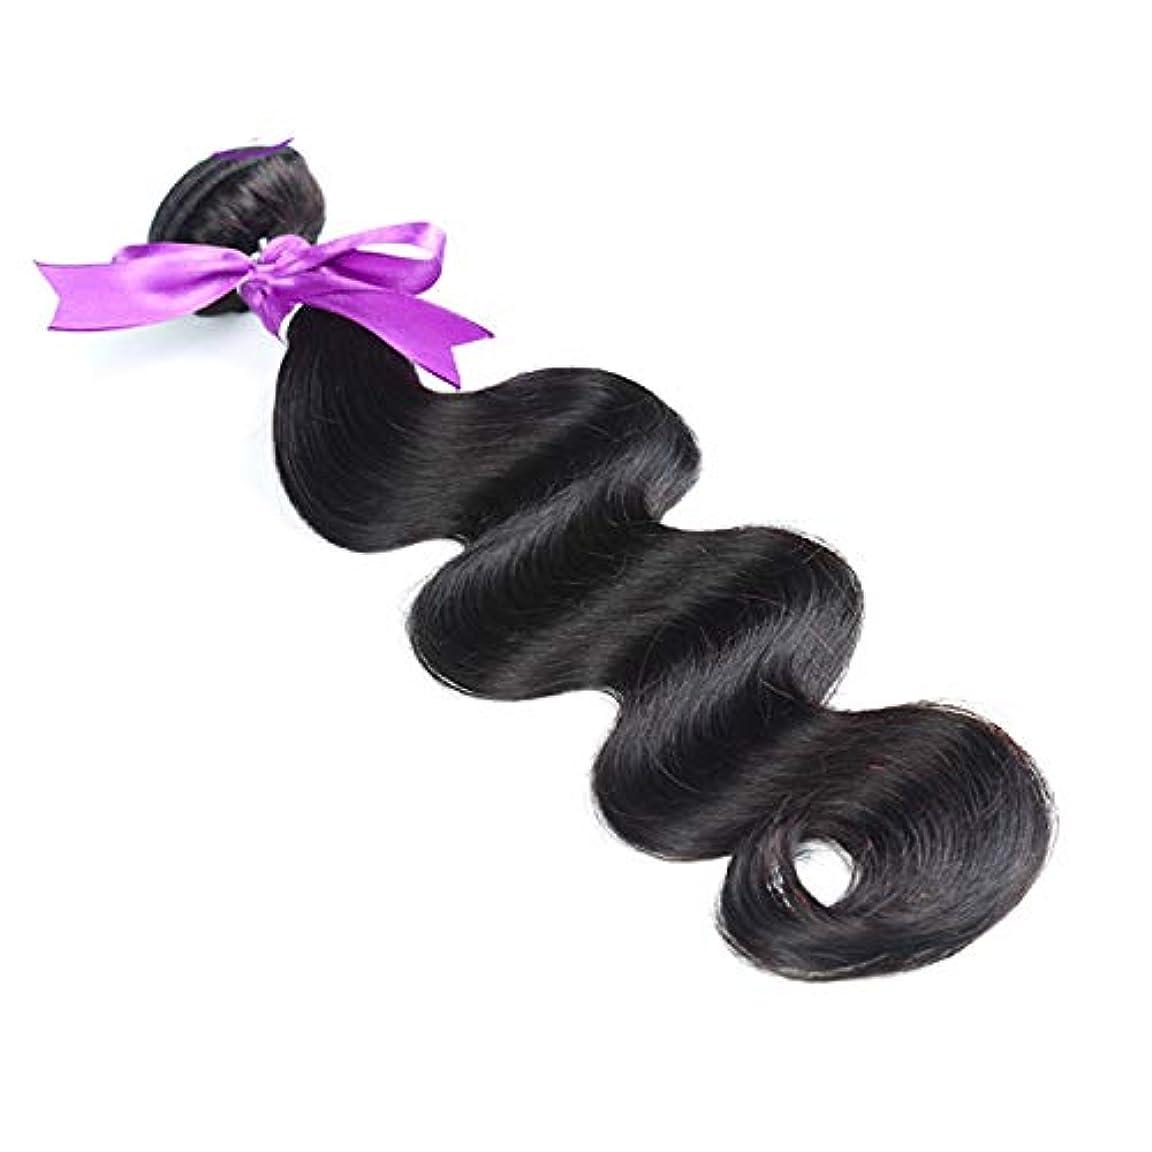 ヘアエクステンション織り髪8-28インチ実体波髪バンドル8aグレード人間の髪織りナチュラルカラー非レミー毛延長 (Stretched Length : 22inches)